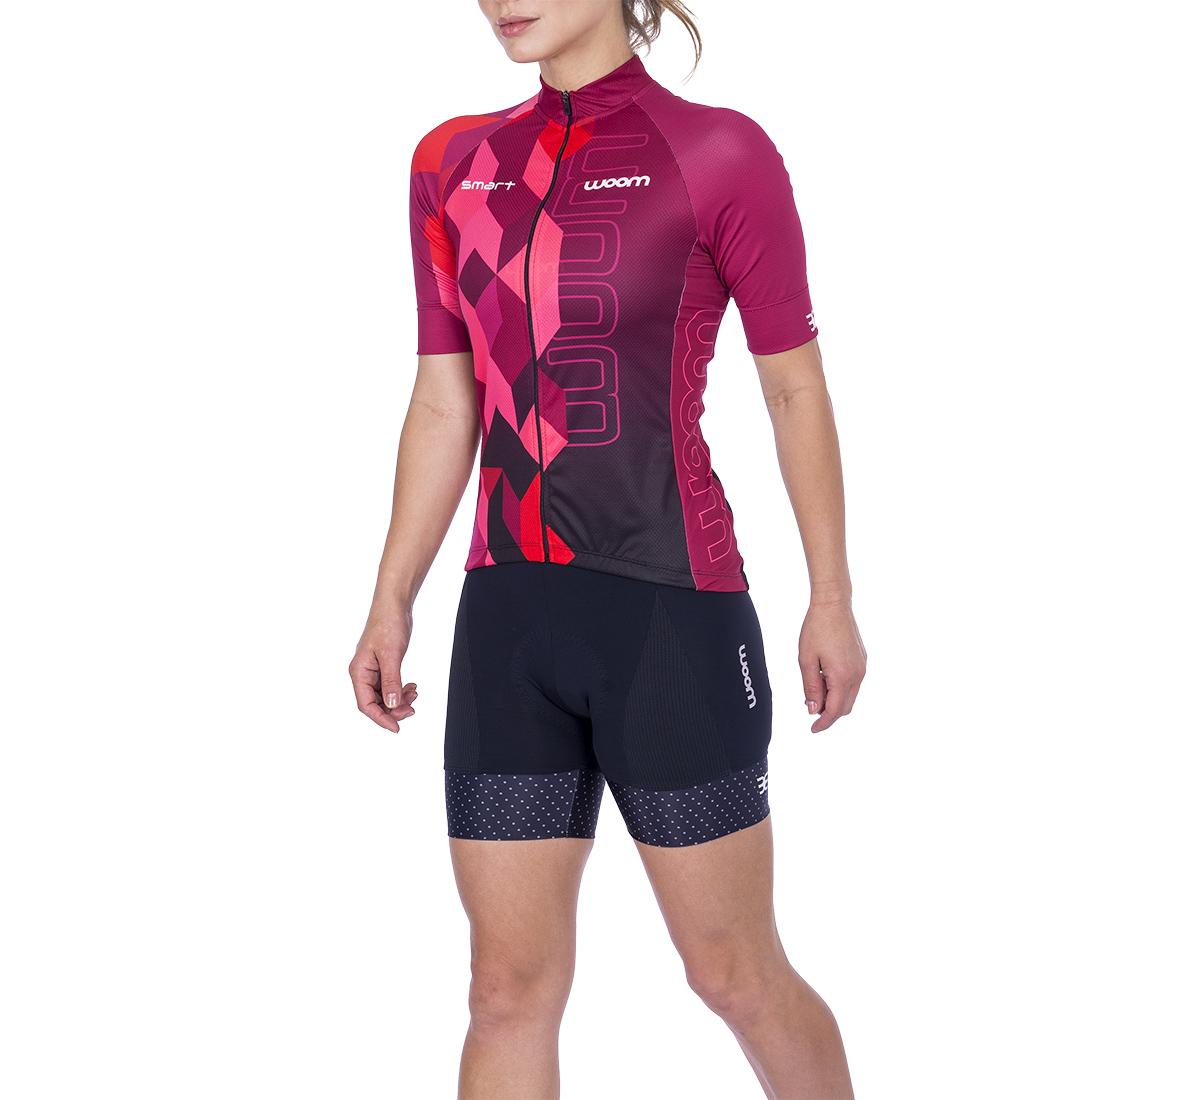 Camisa Ciclismo Smart Scarlet Fem - 2021